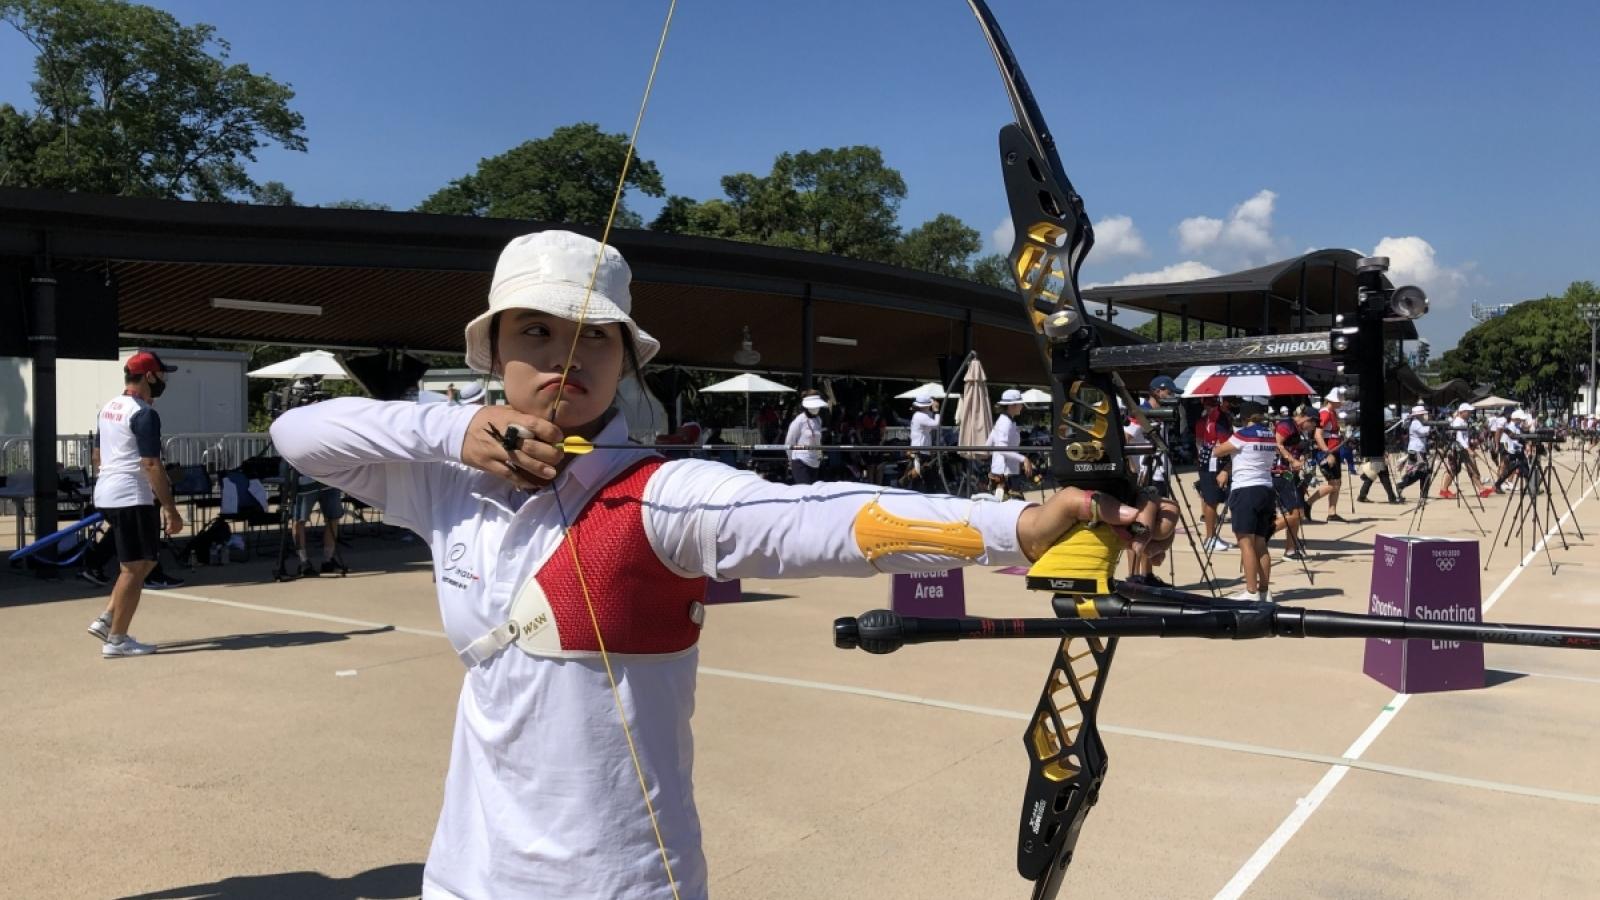 Vòng loại bắn cung Olympic Tokyo: Ánh Nguyệt đạt thành tích tốt nhất trong năm